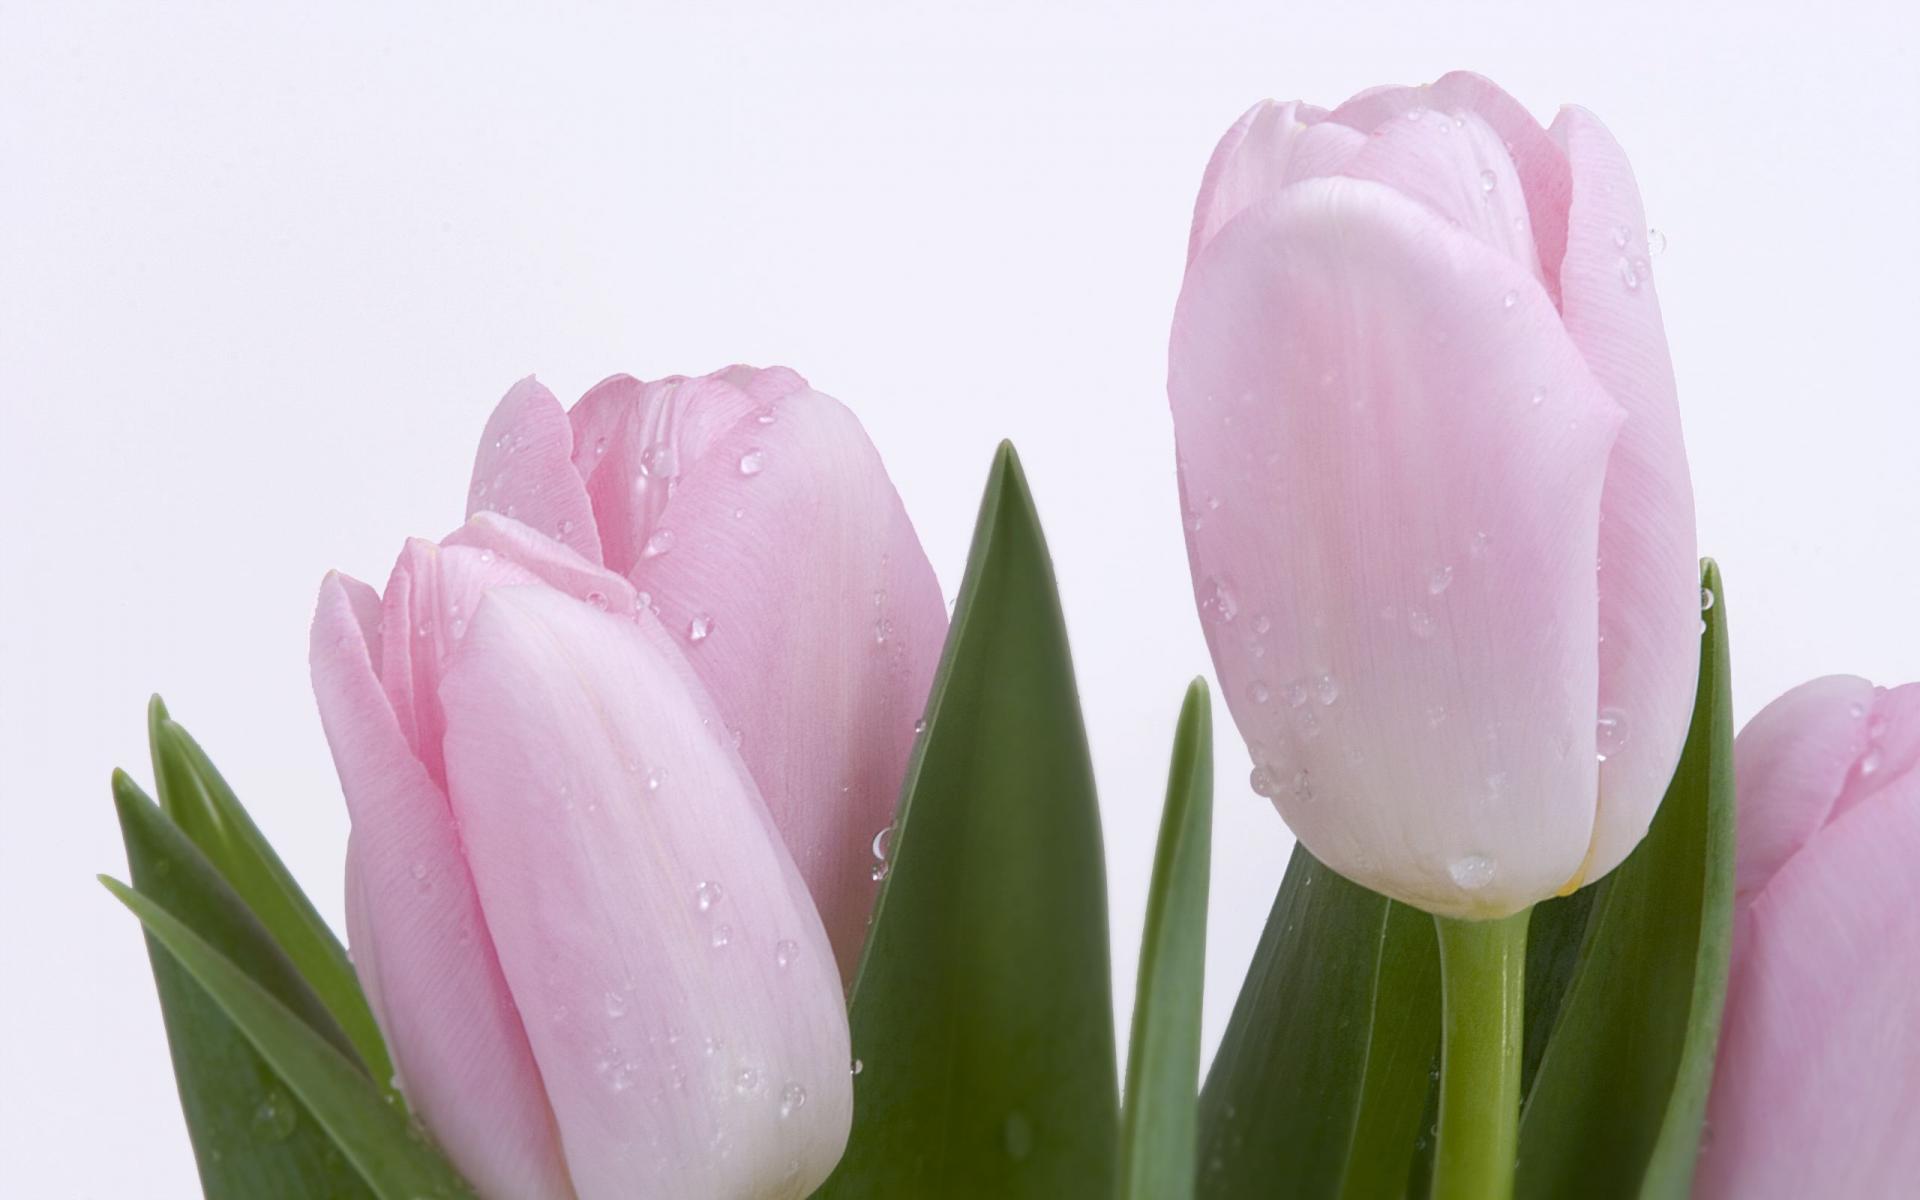 Tulips Fresh Background Animated Nature Flowers.